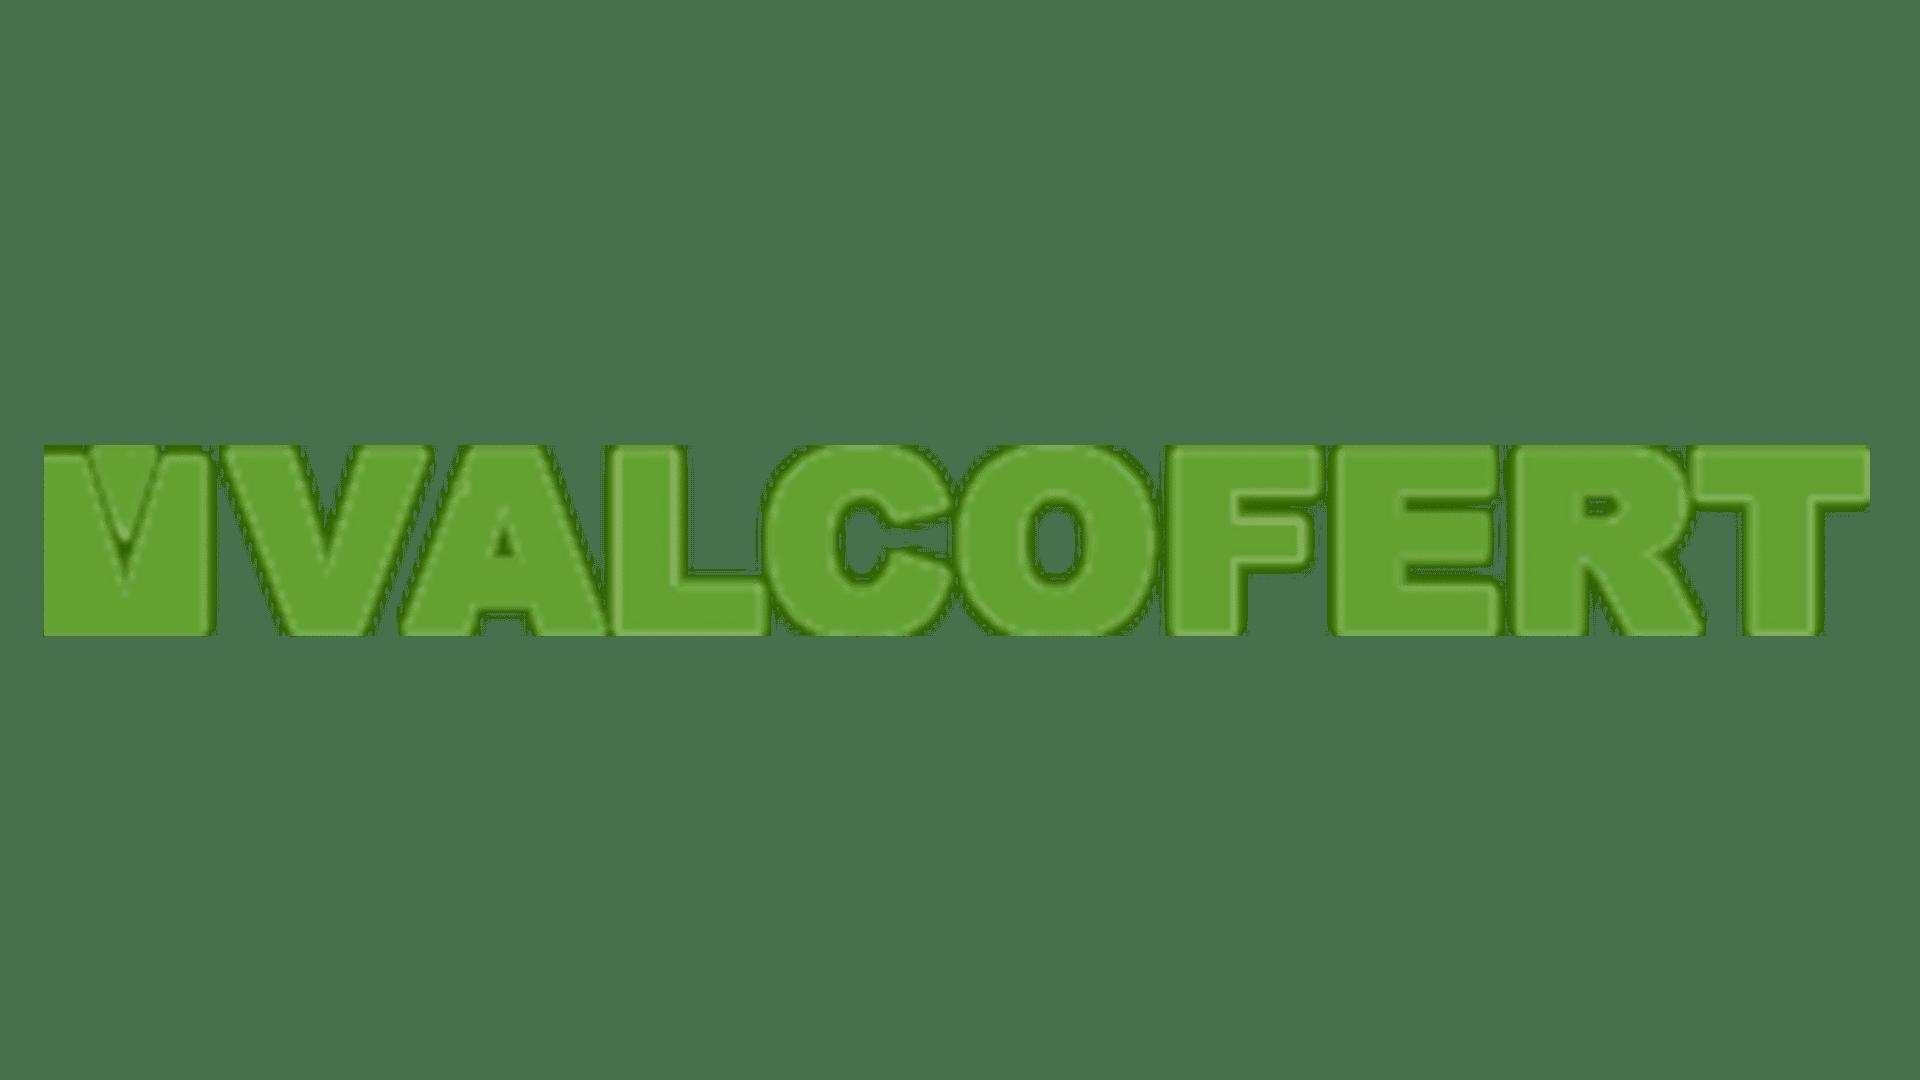 logo-valcofert